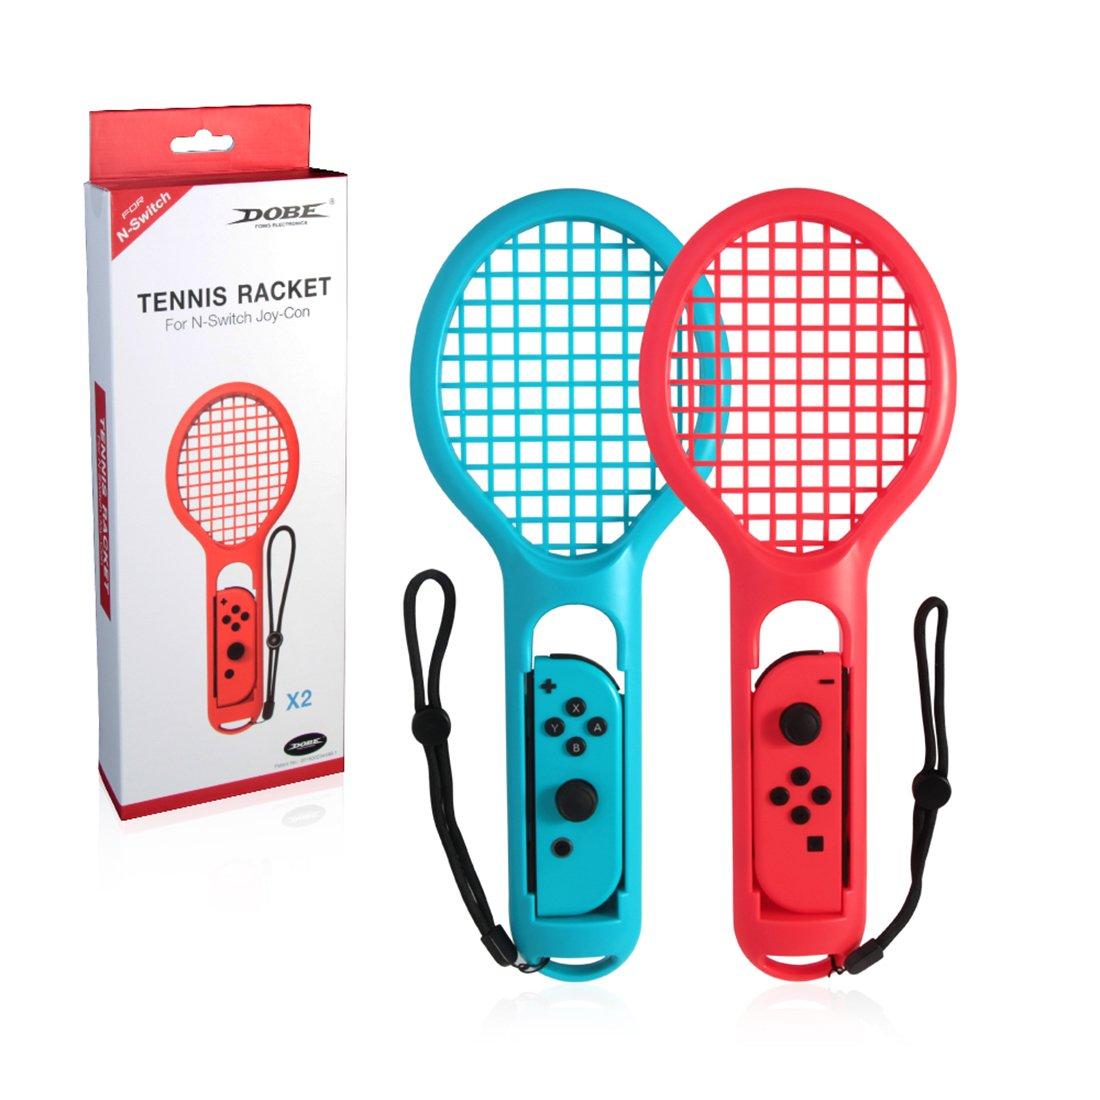 Mecotech Raqueta de Tenis para Nintendo Switch, 2 Pcs Raquetas de Tenis Joy-con para Nintendo Switch, Perfecto para Juegos Mario Tennis Aces y Los Juegos de Raqueta: Amazon.es: Juguetes y juegos